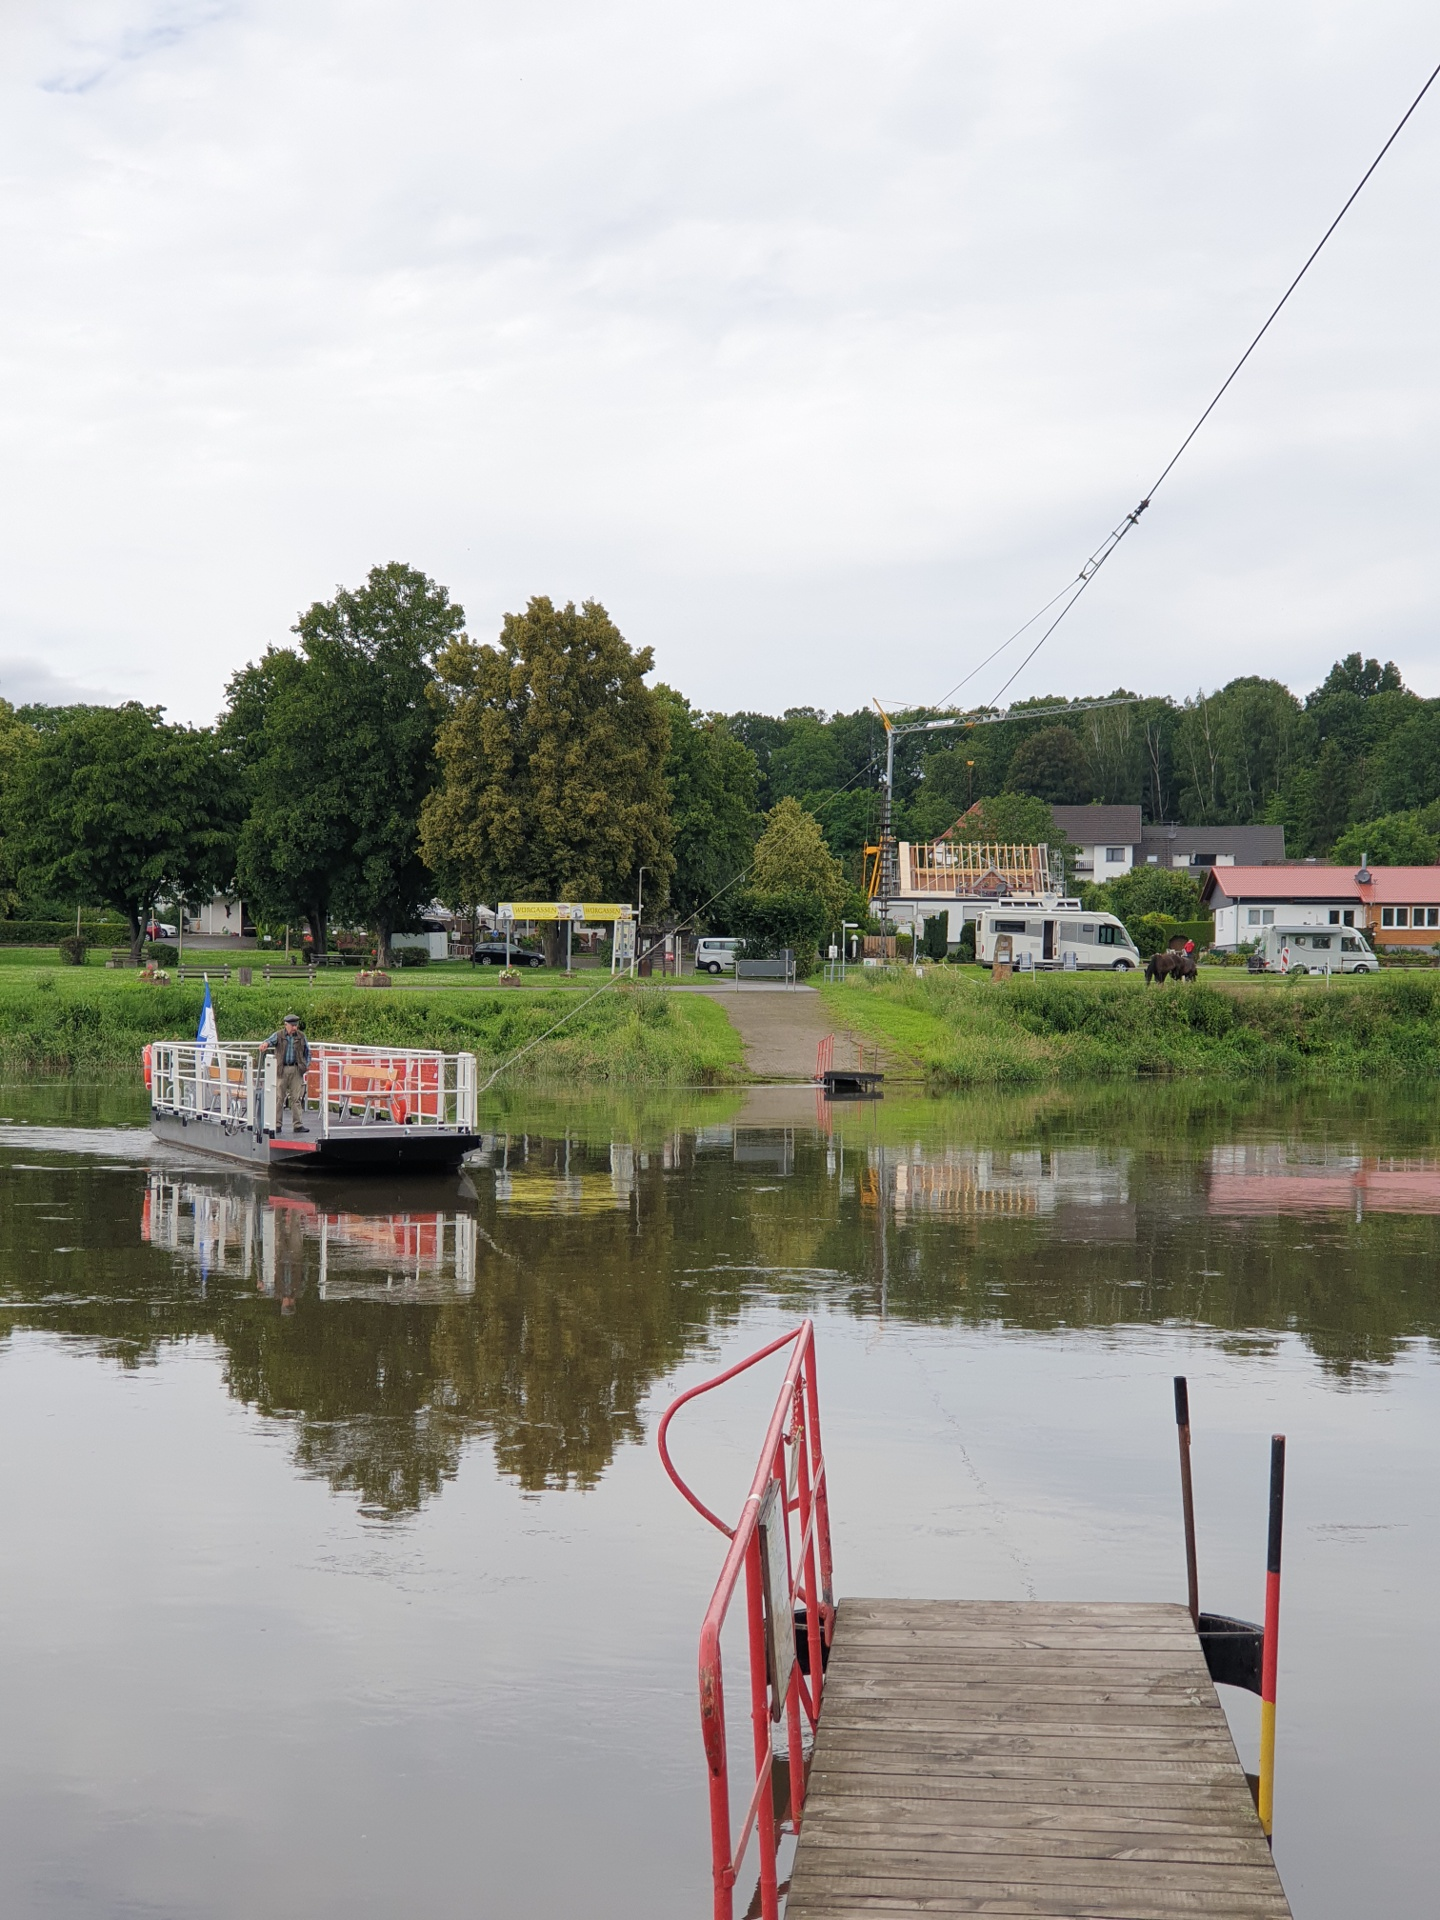 Gierseilfähre über die Weser (bei Bad Karlshafen)